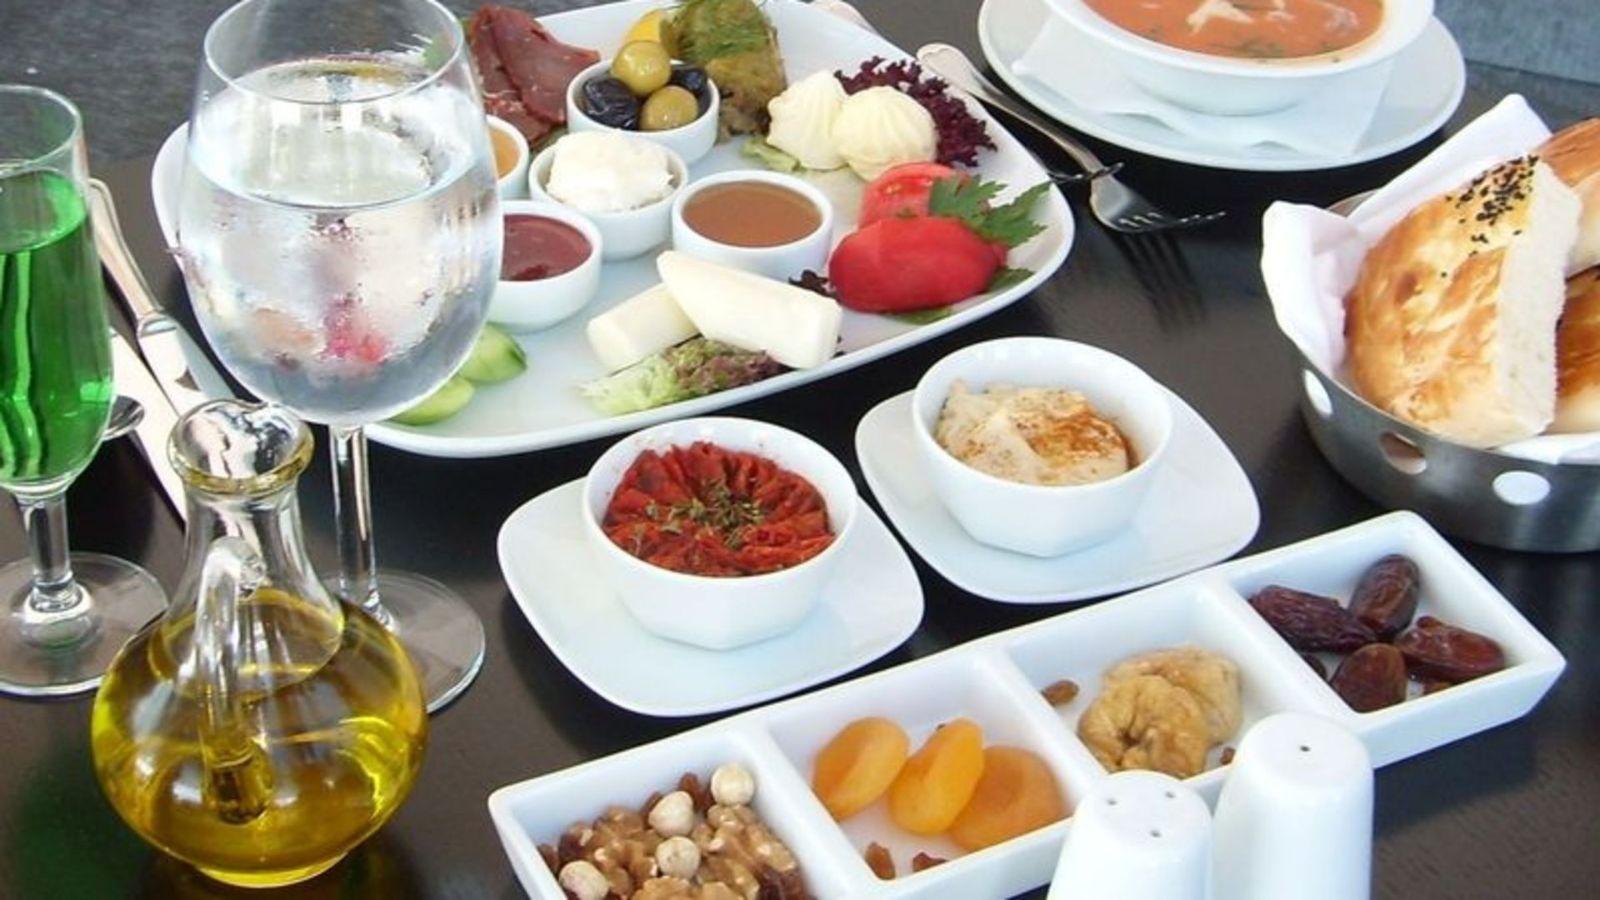 Ramazanda kilo aldıran besinler